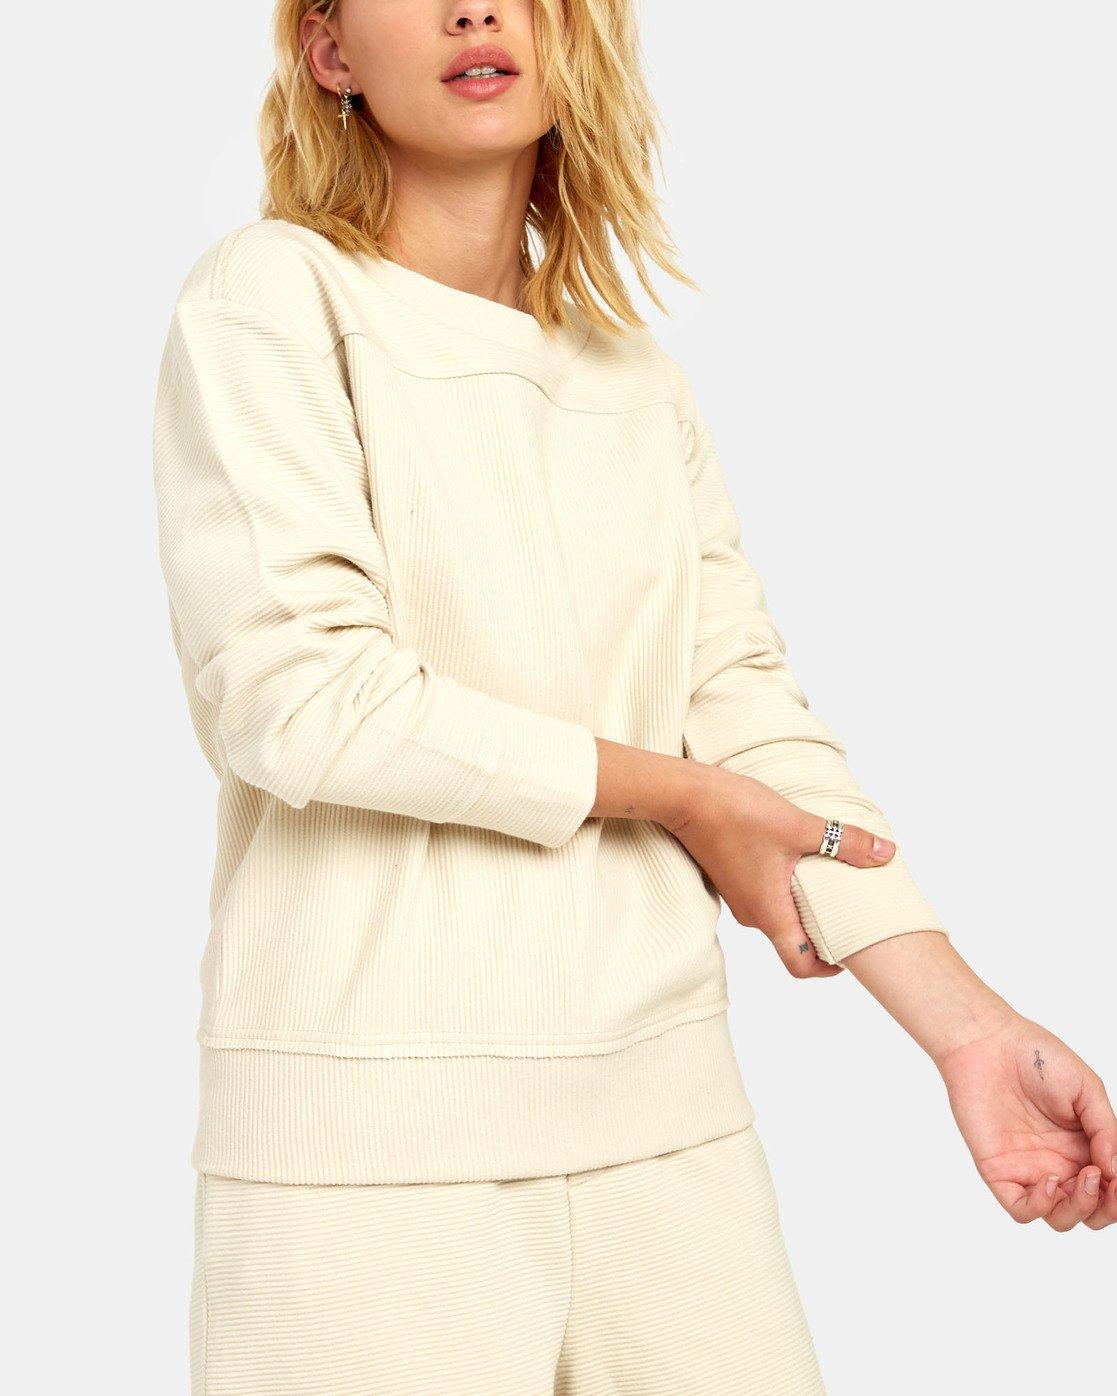 7 Maddy Top - Sweatshirt for Women Beige S3FLRDRVP0 RVCA